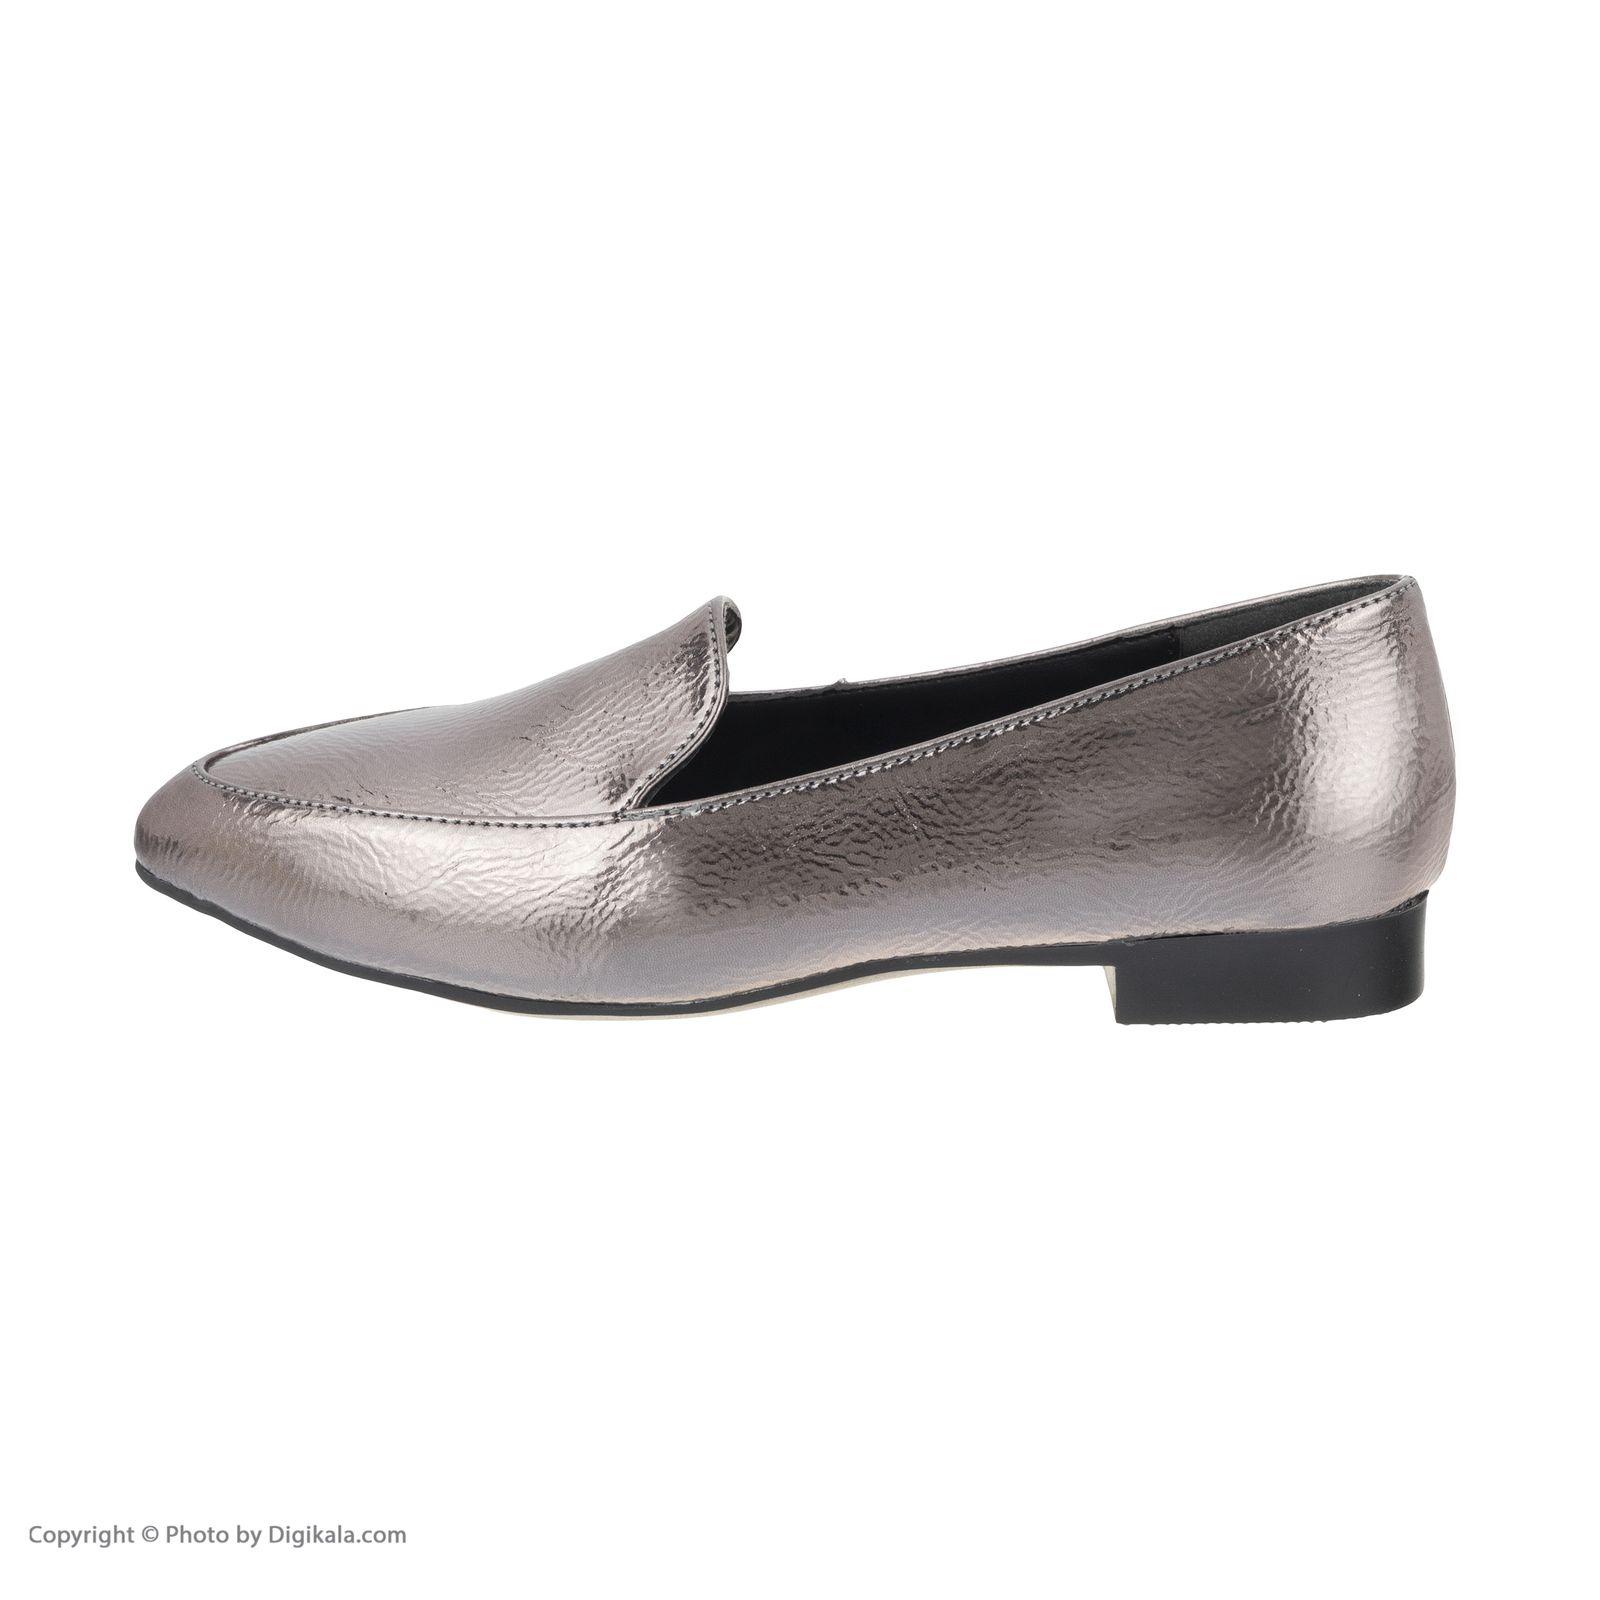 کفش زنانه مدل 6106 -  - 1